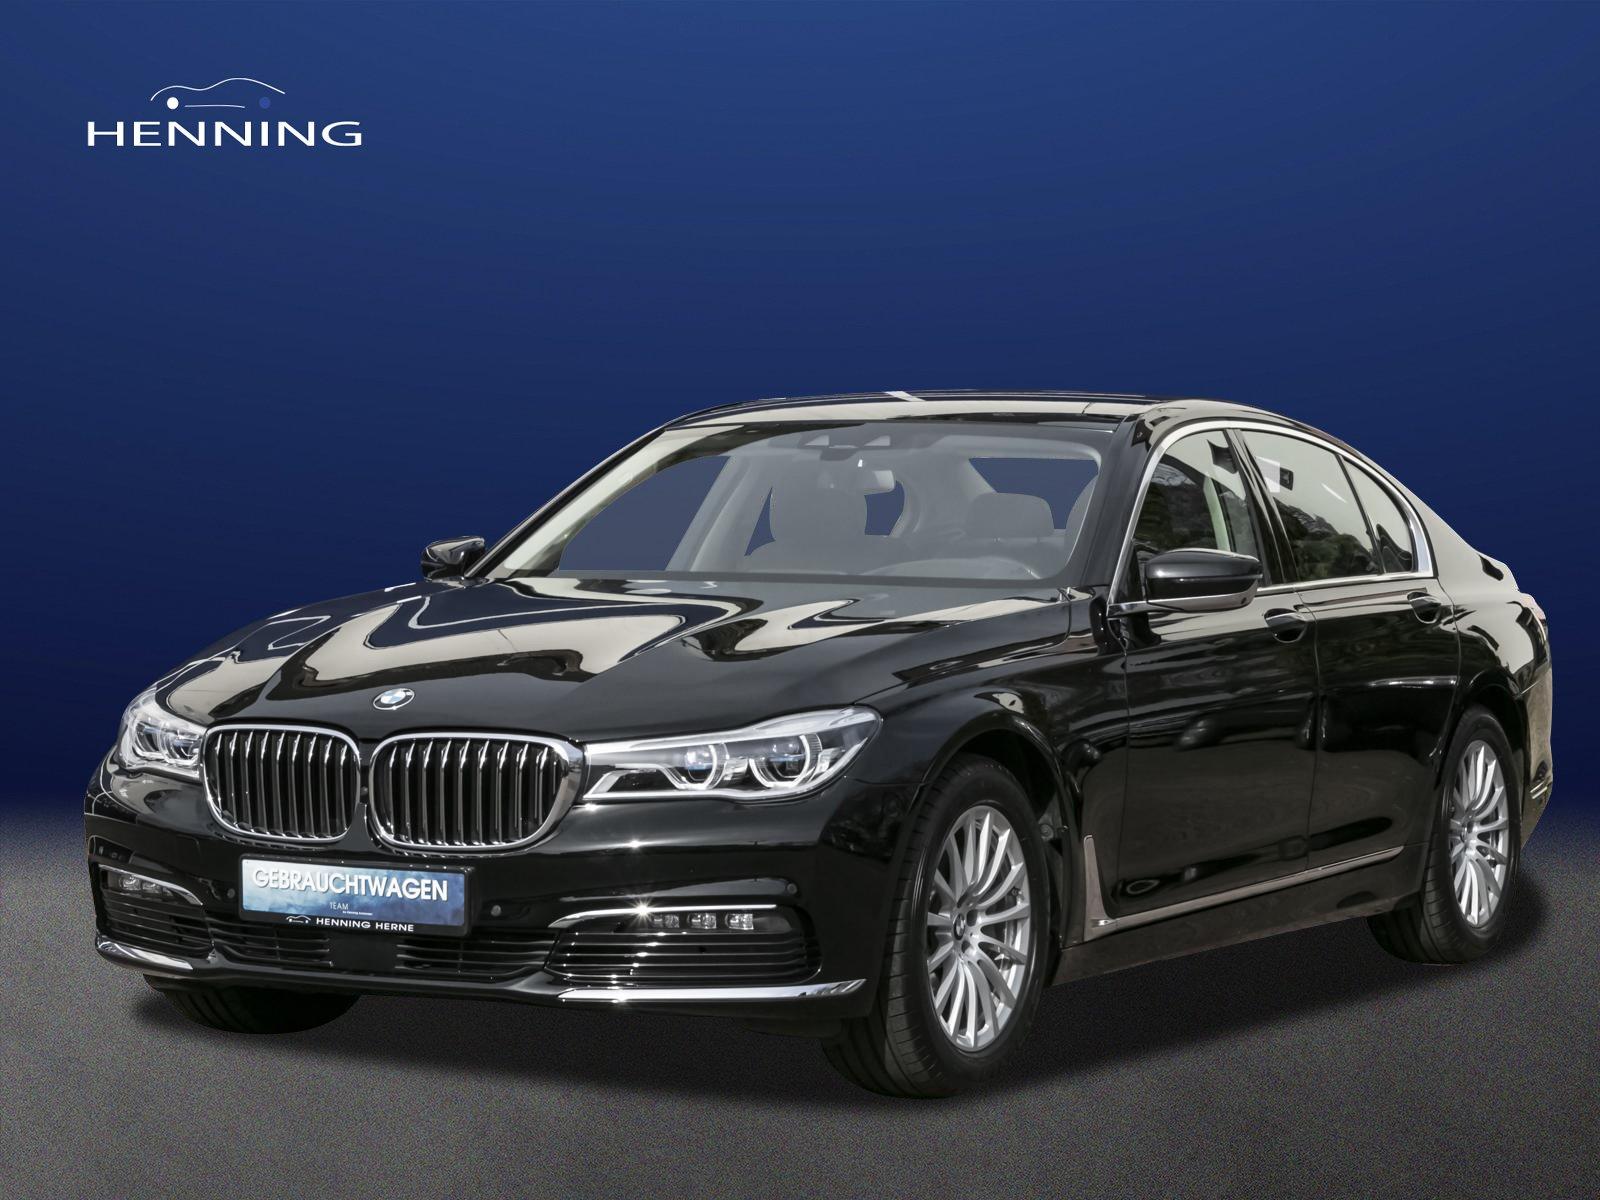 BMW 740 i *Laserlicht* Head Up*Assistenssysteme uvm., Jahr 2016, Benzin